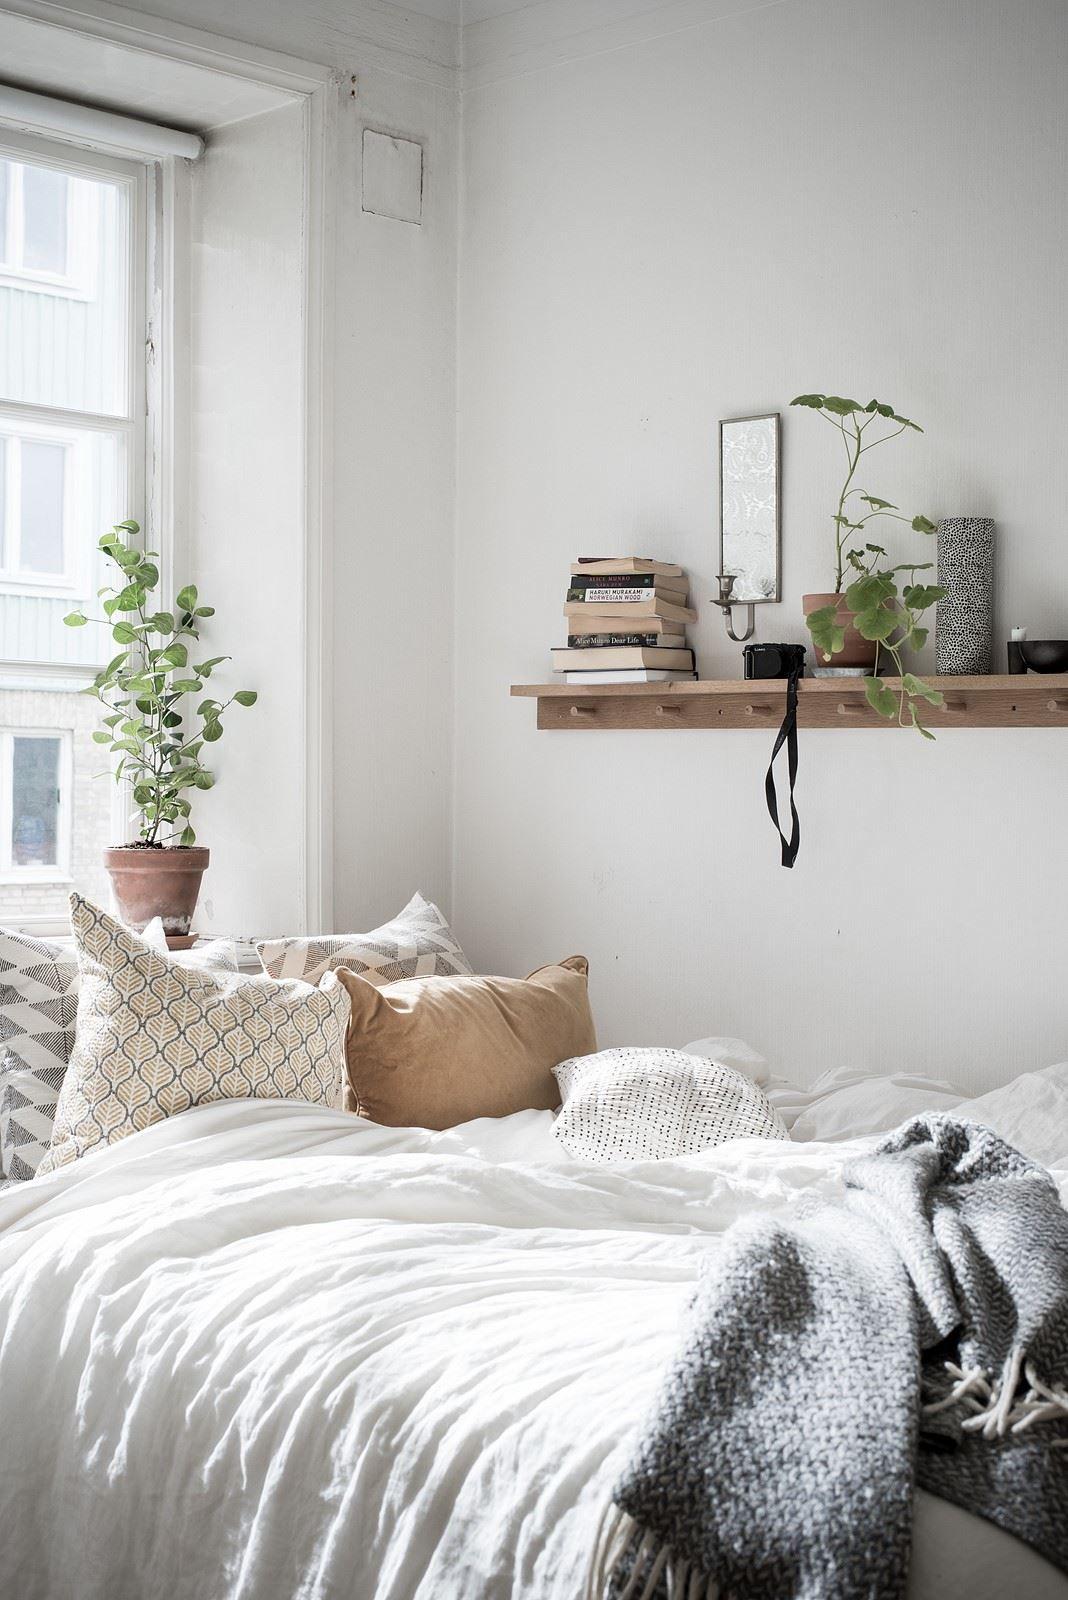 Einrichten Und Wohnen · Ruhte · Small Home With Character   Via Coco Lapine  Design